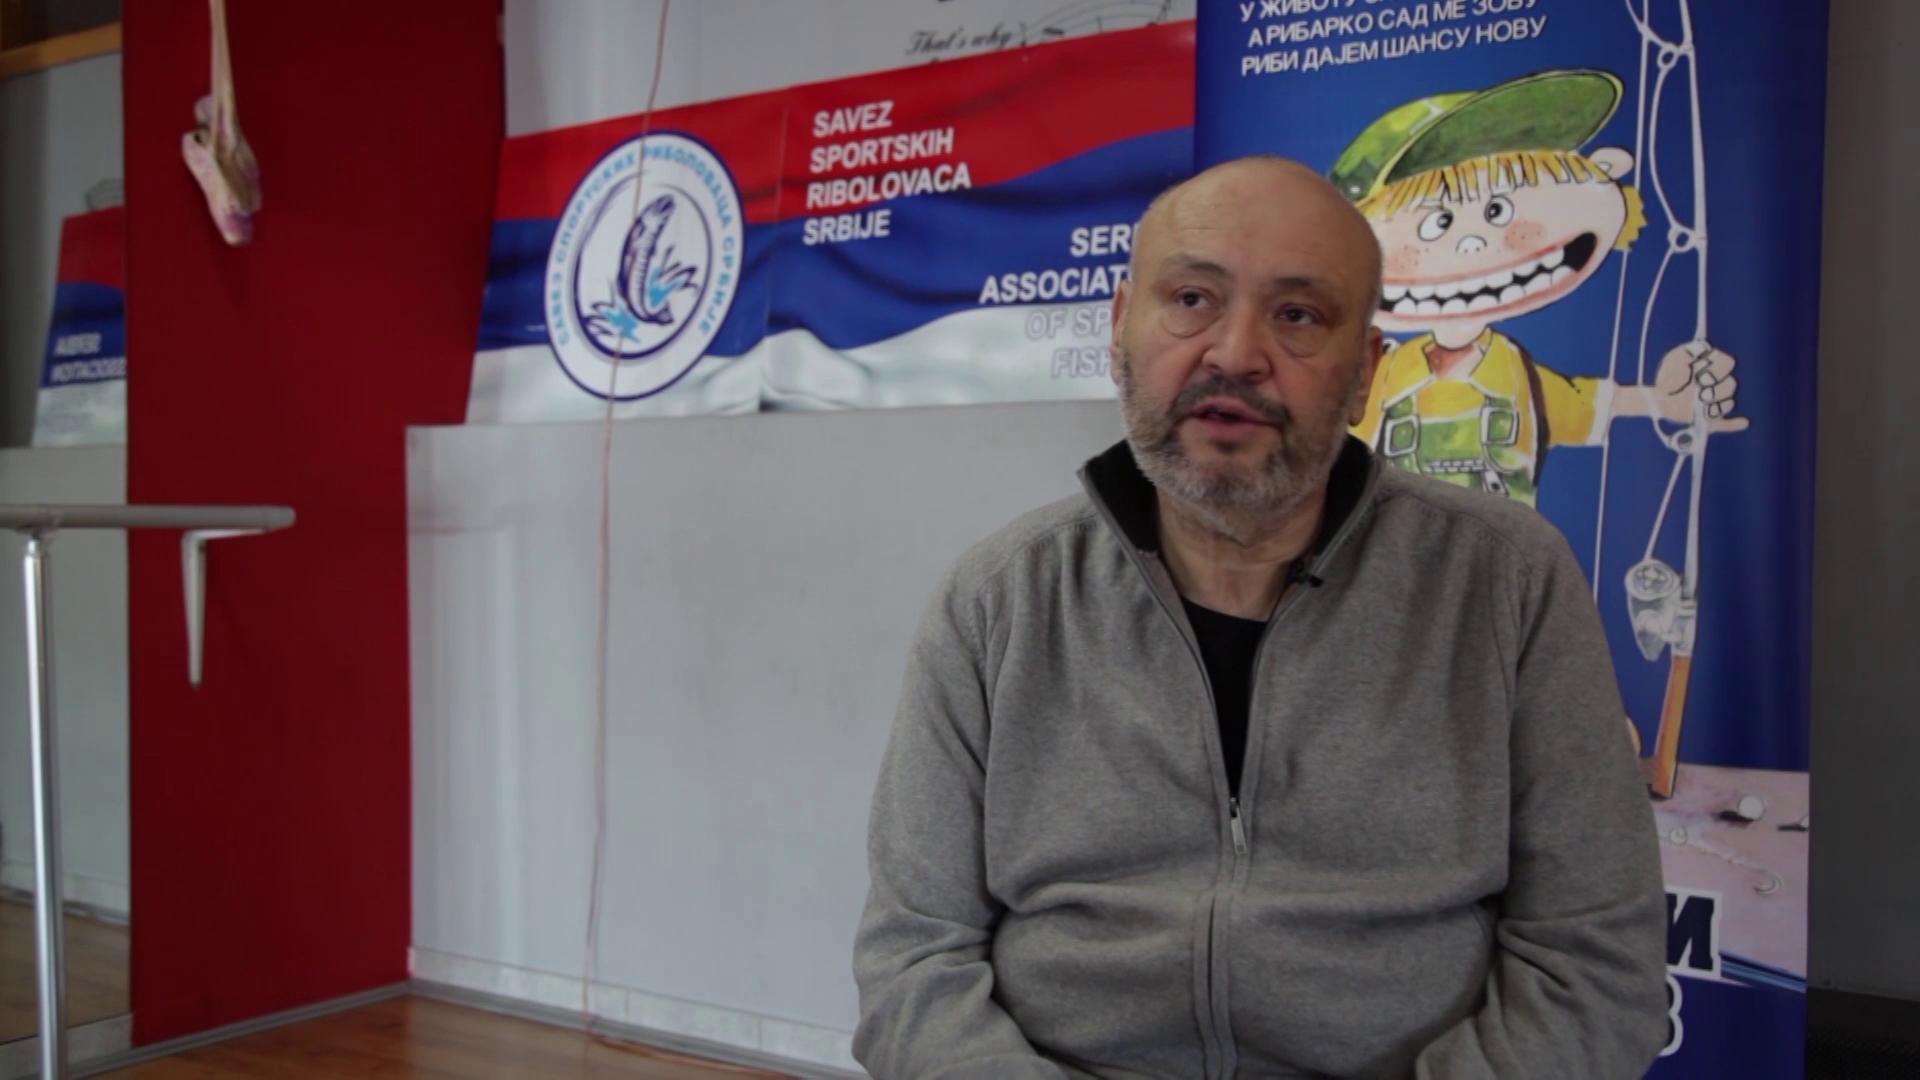 Savez sportskih ribolovaca Srbije